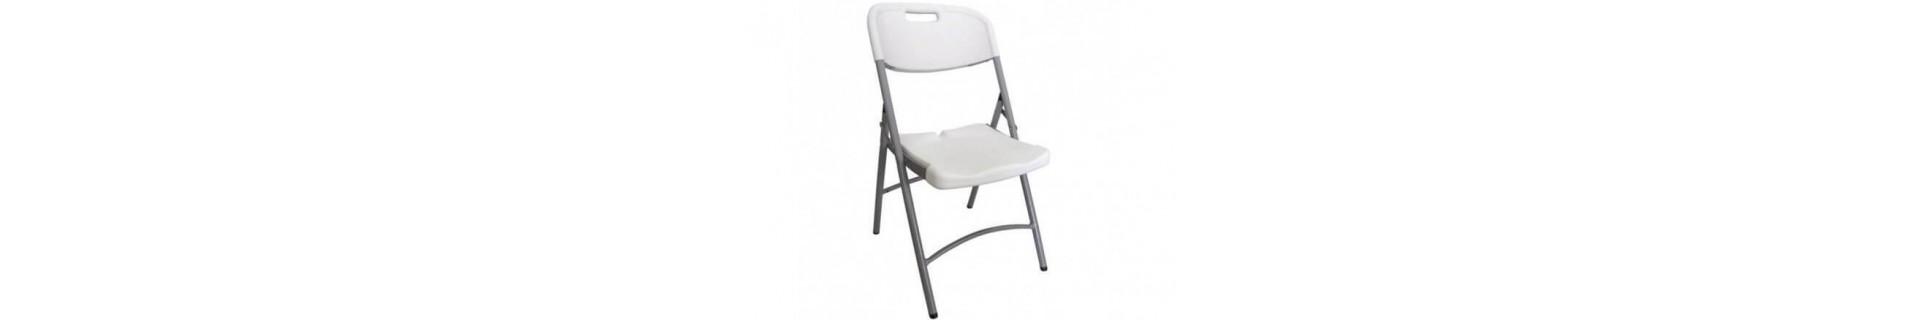 vente de chaises pliantes et autres assises